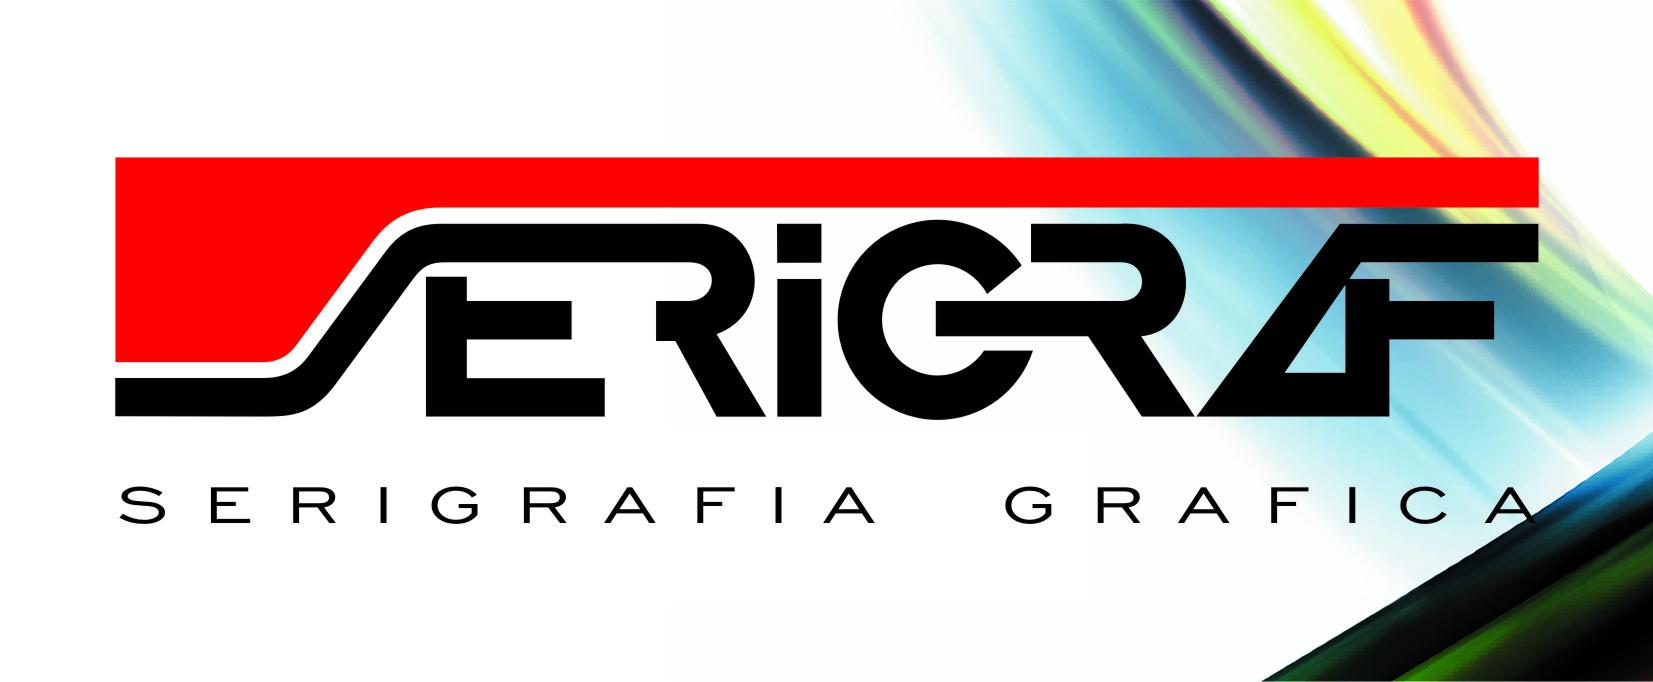 Logo Serigraf, S.A. Impresión Digital, Rotulación y Serigrafía